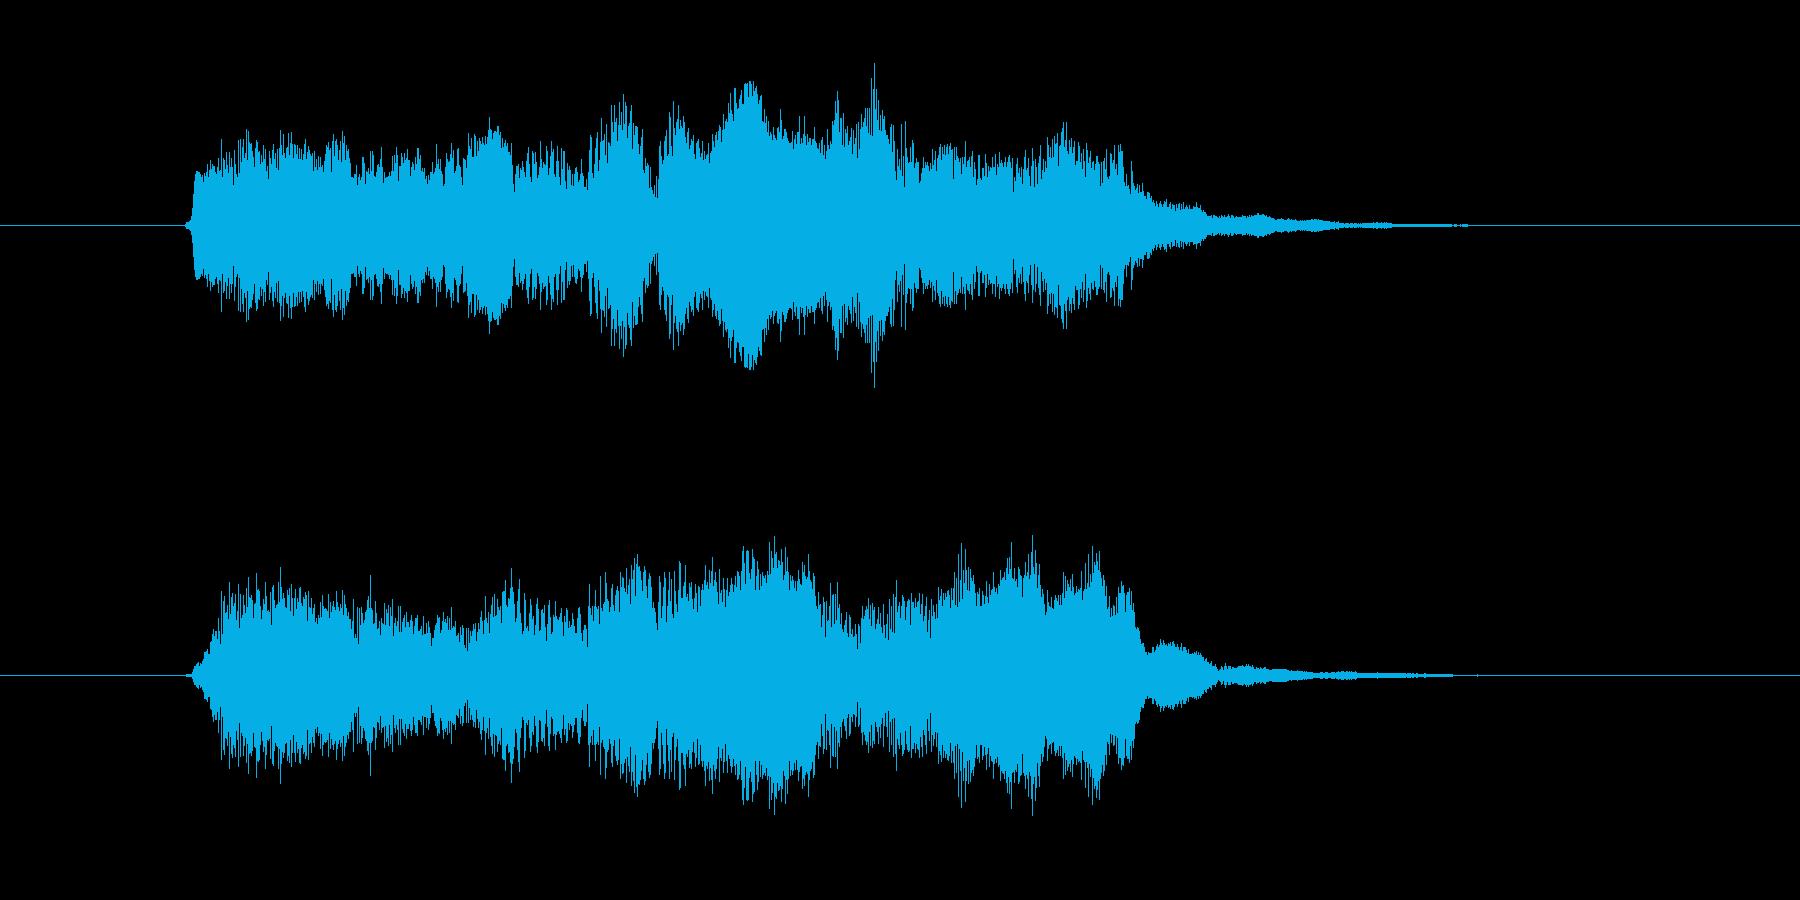 木管楽器による優しいジングルの再生済みの波形